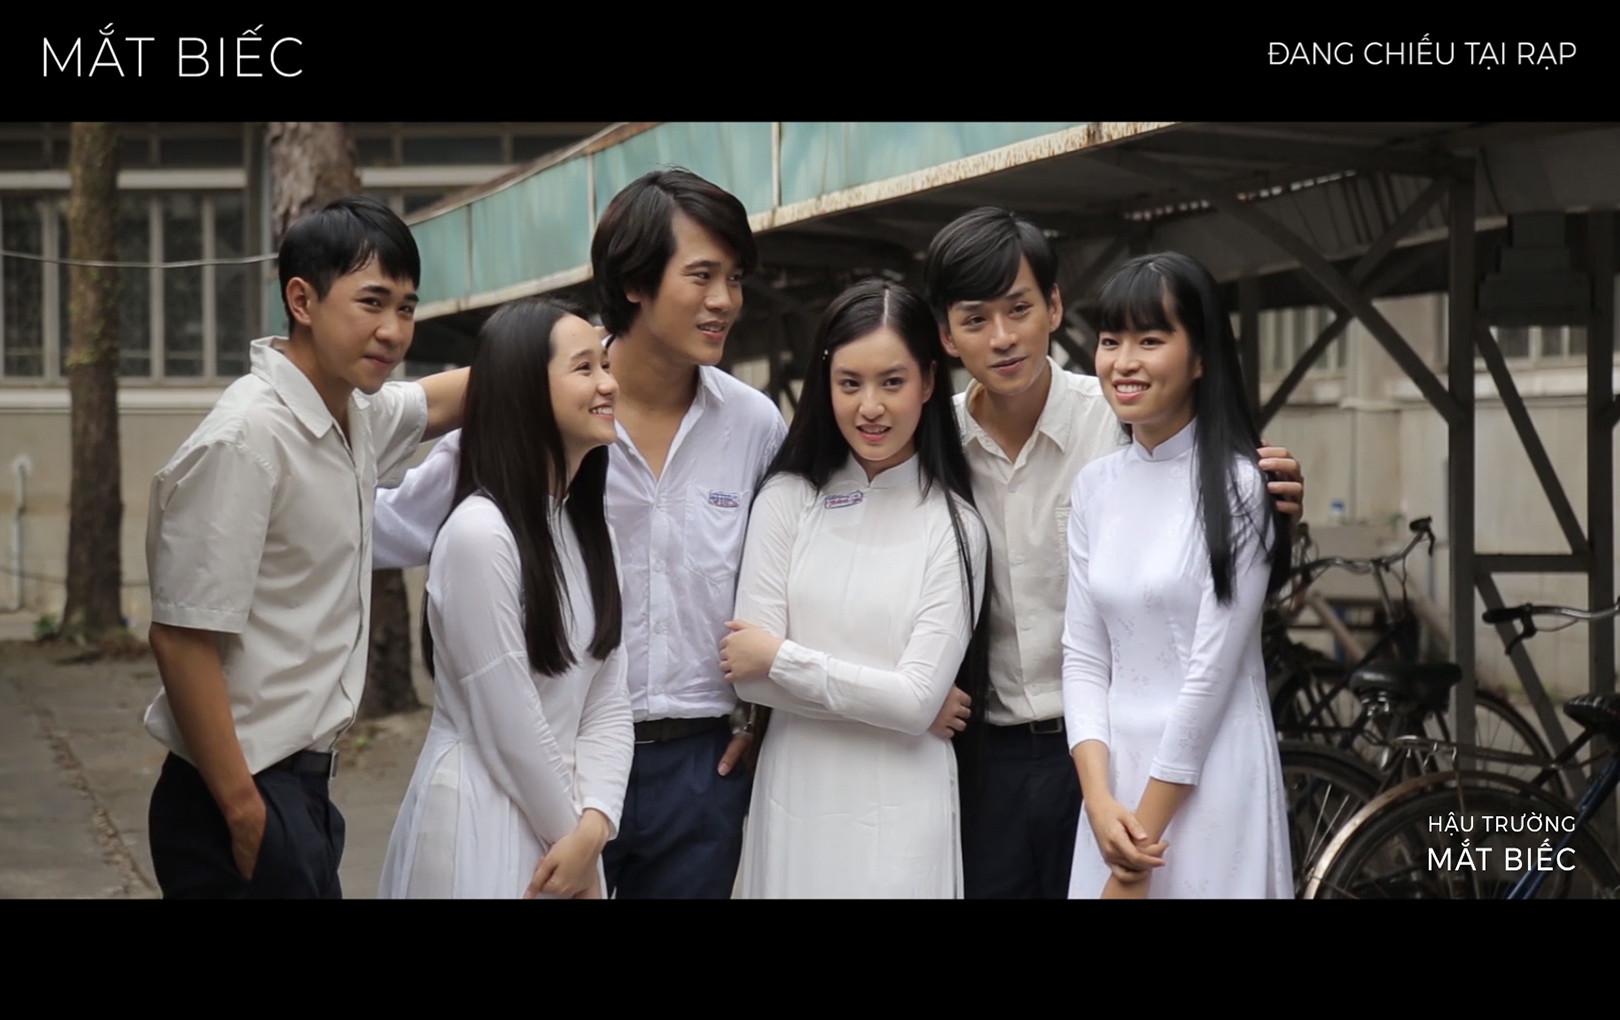 Giải mã lý do lựa chọn dàn sao trẻ trong phim điện ảnh Mắt Biếc của đạo diễn Victor Vũ